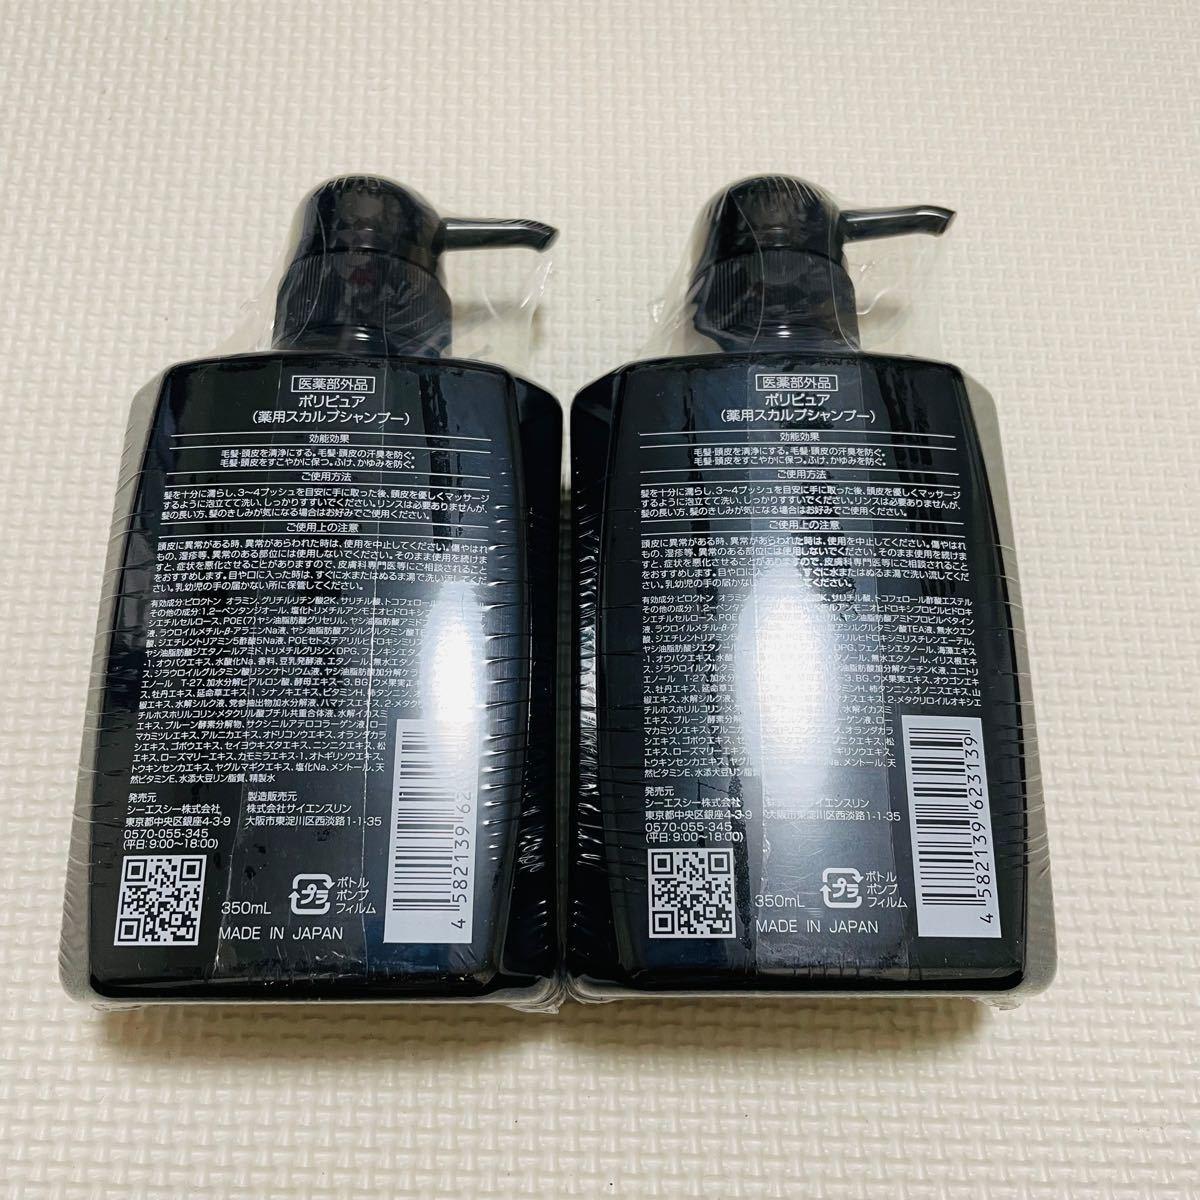 シーエスシー ポリピュアEX 薬用スカルプシャンプー 2本セット スカルプ シャンプー